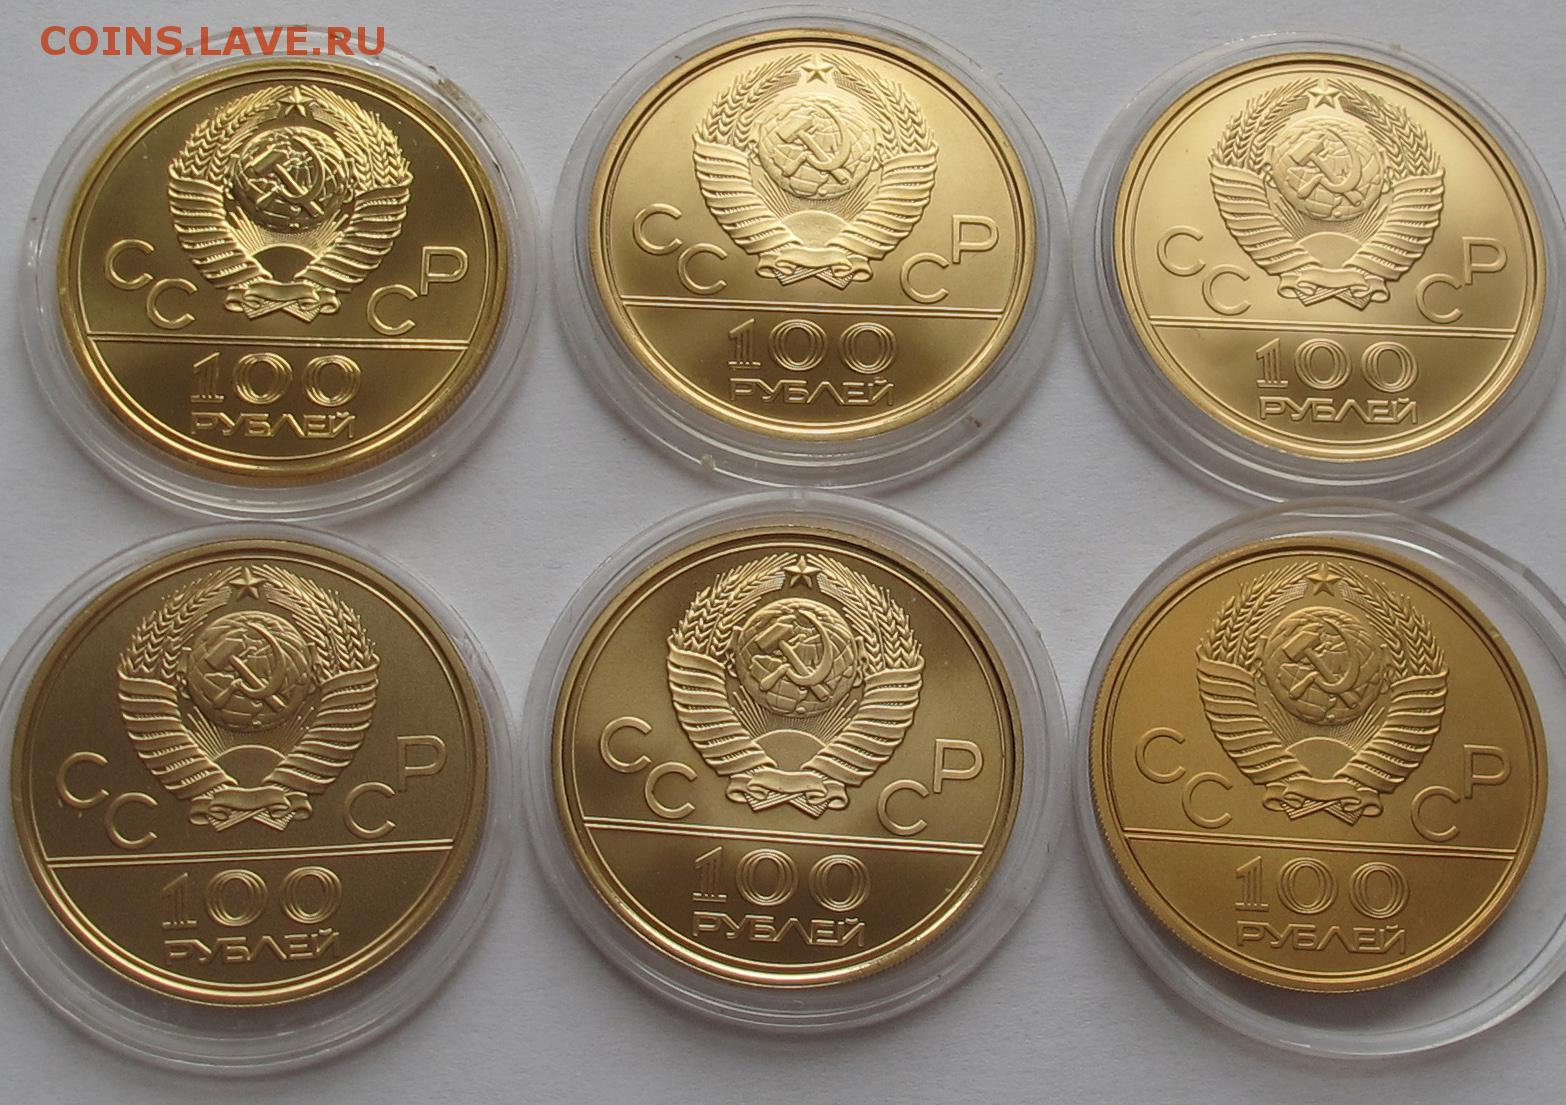 Купить золотые монеты олимпиада 80 валюта немцев